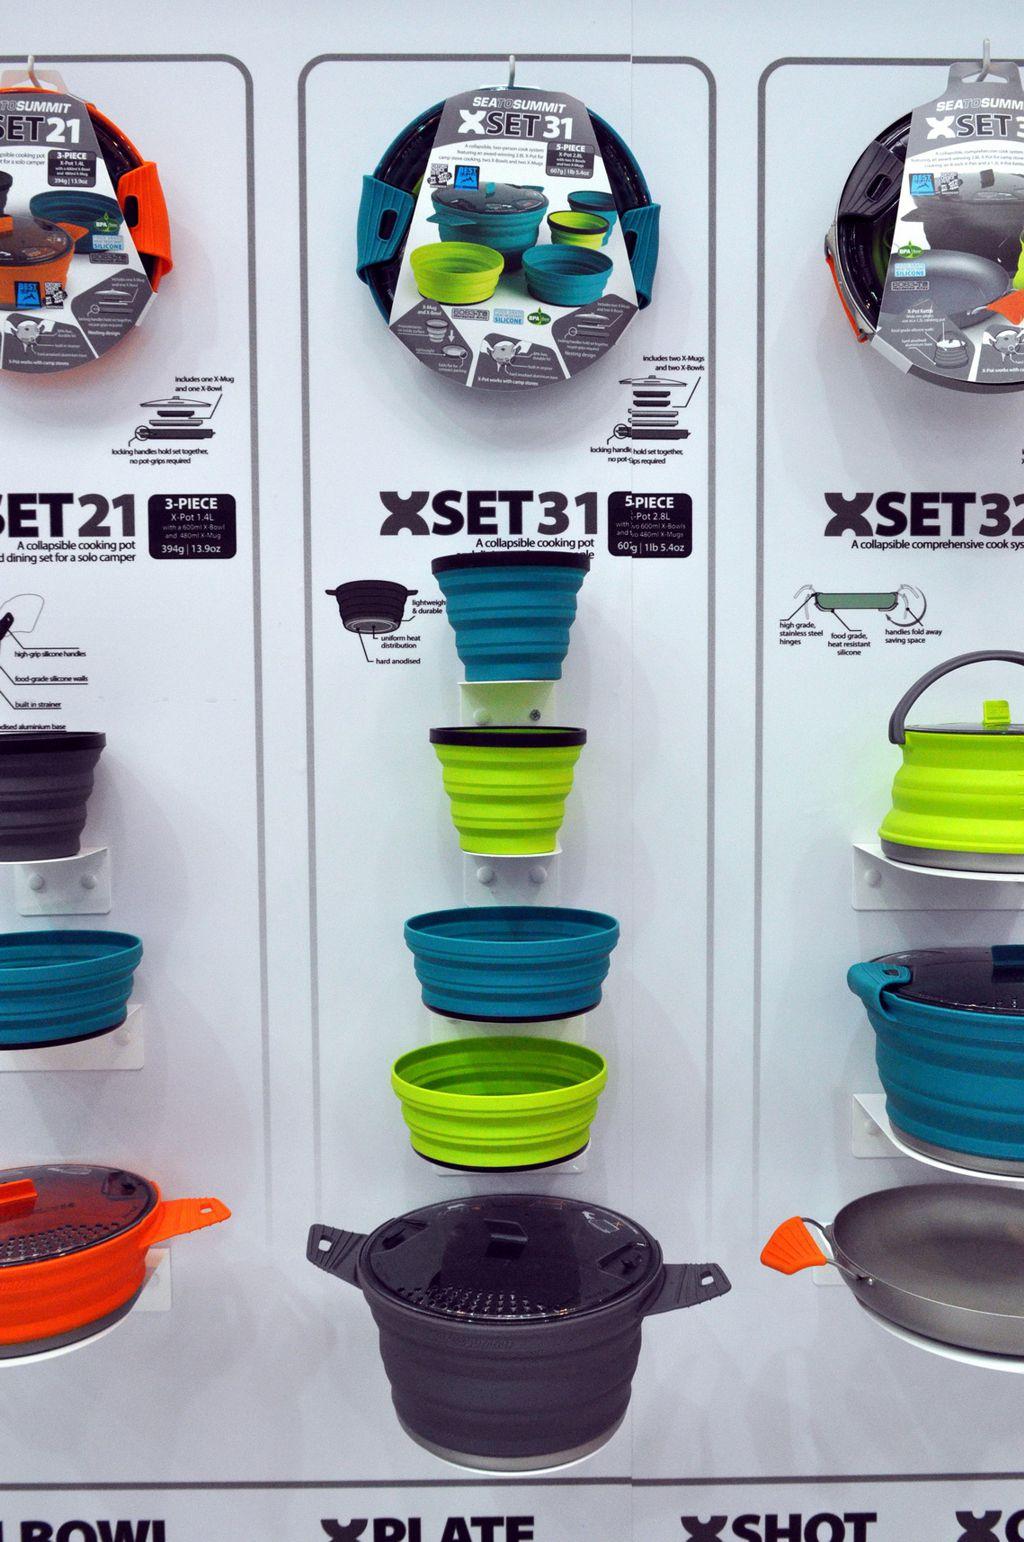 Szilikon edények, melyeket a gázfőzőn is használhatsz – Sea to Summit Forrás: Paraferee - Mozgásvilág.hu